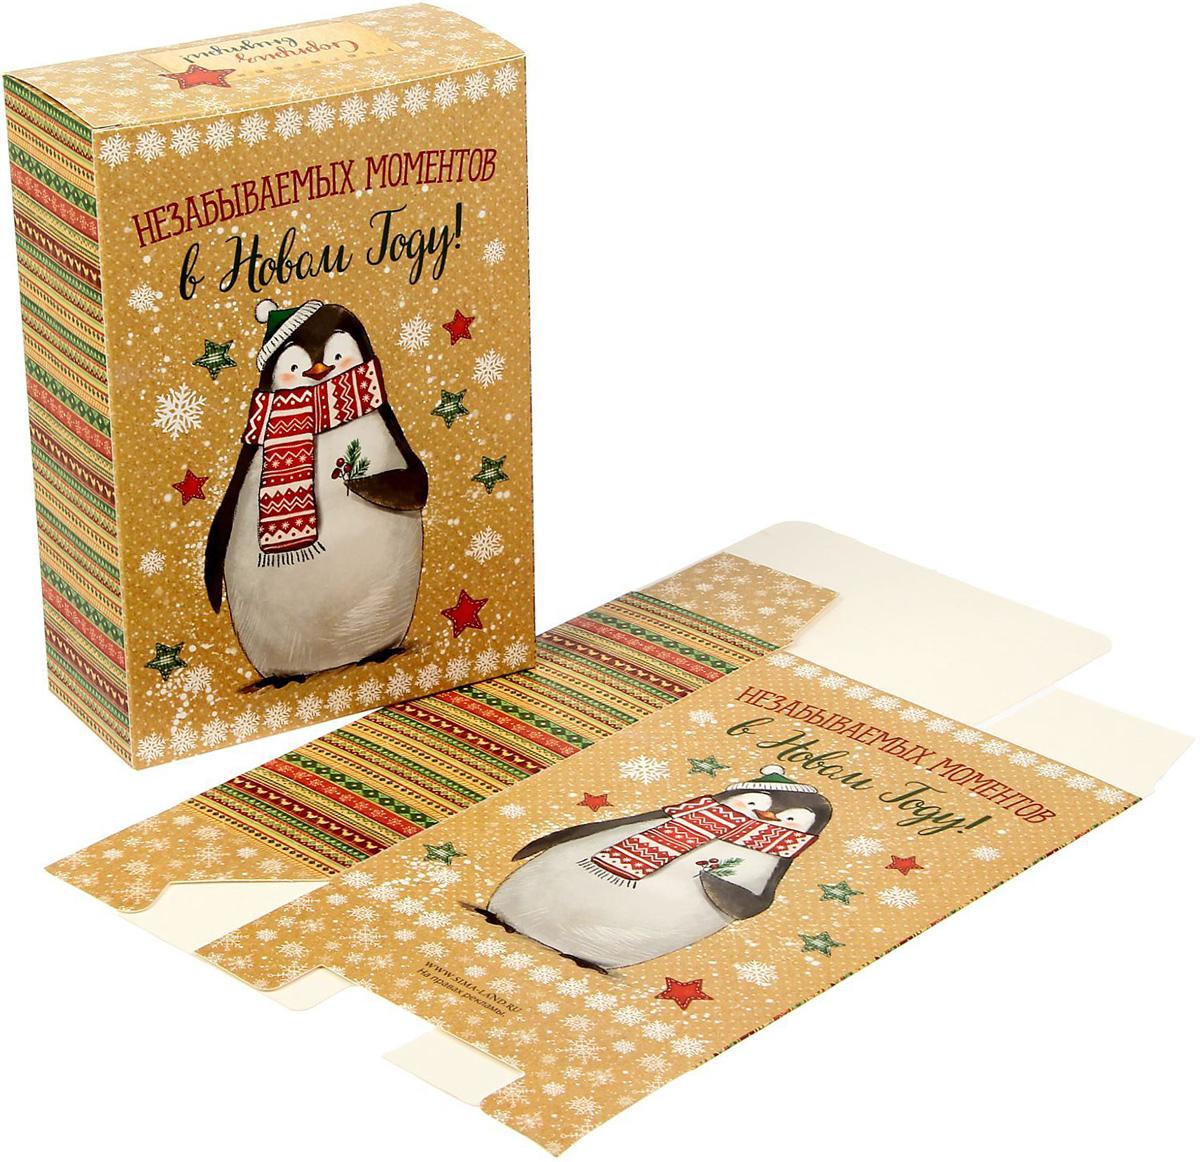 Коробка складная Sima-land С Новым годом!, 16 х 23 х 7,5 см1383900Любой подарок начинается с упаковки. Что может быть трогательнее и волшебнее, чем ритуал разворачивания полученного презента. И именно оригинальная, со вкусом выбранная упаковка выделит ваш подарок из массы других. Подарочная коробка Sima-land продемонстрирует самые теплые чувства к виновнику торжества и создаст сказочную атмосферу праздника.